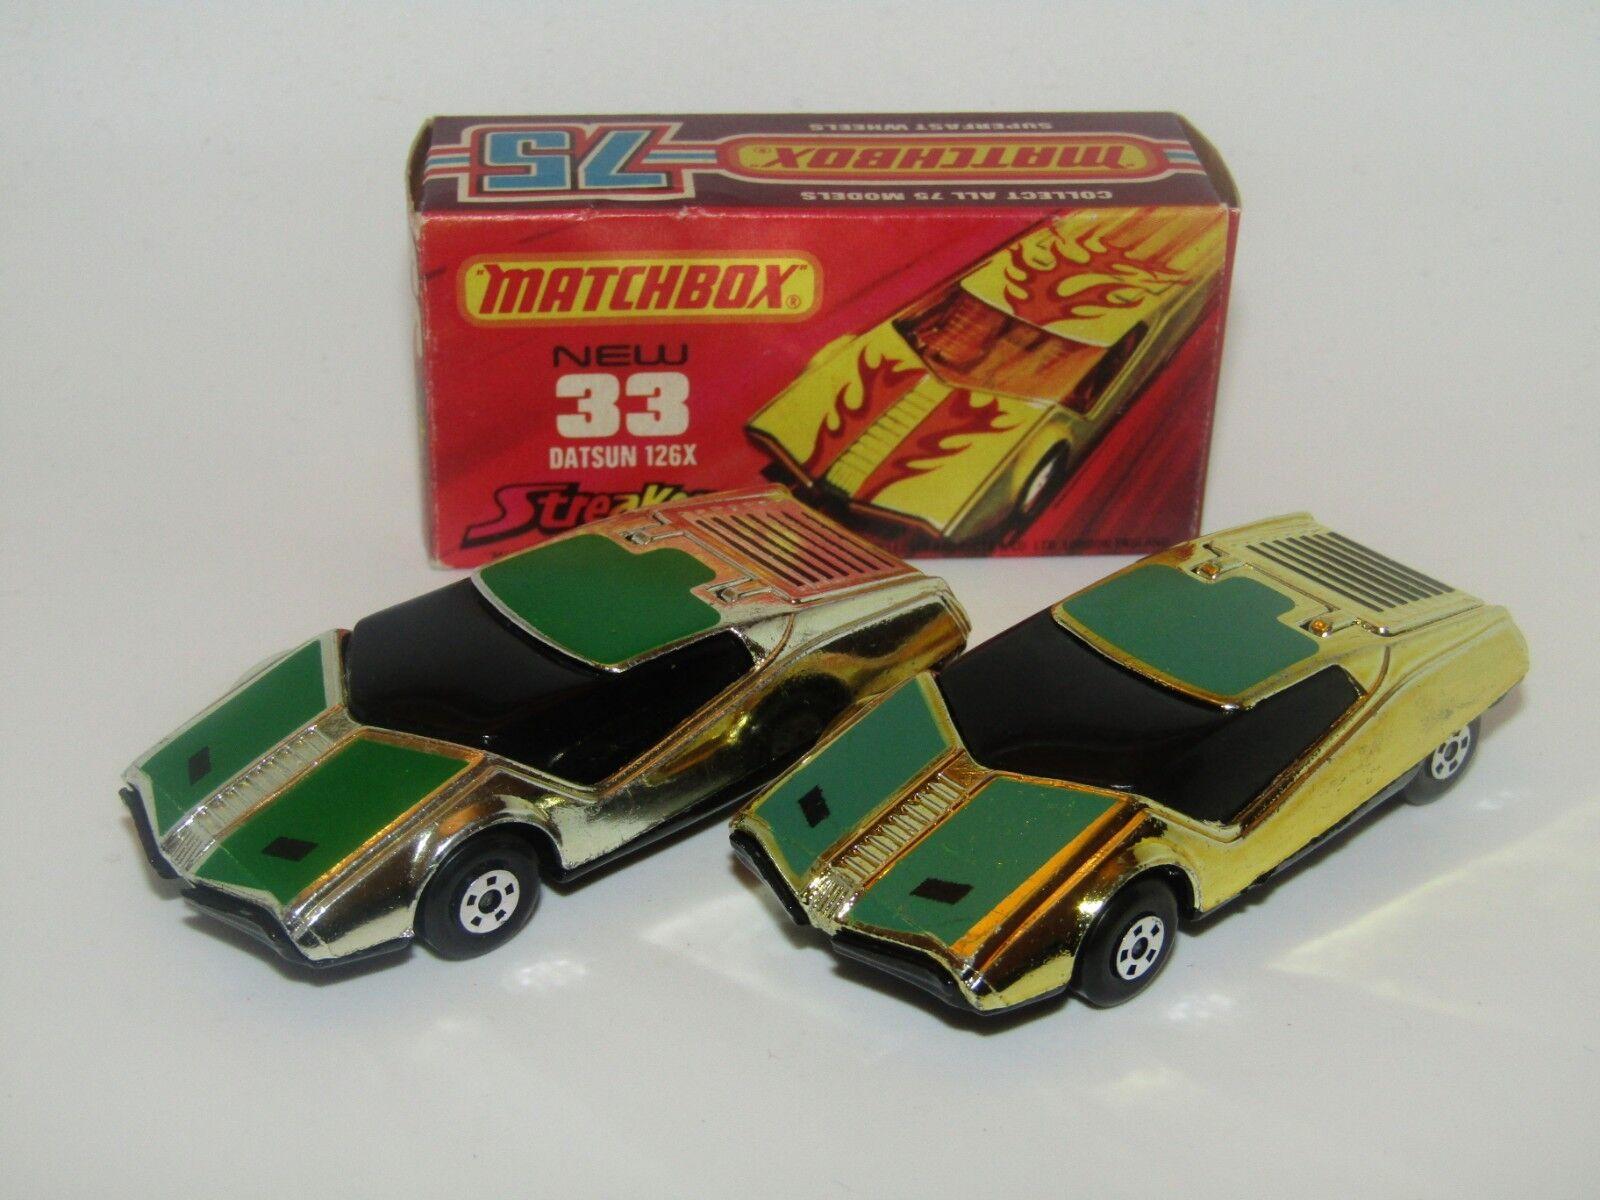 MatchBox Superfast No 33 Datsun 126X Streakers Silber PLATED GoldEN X MEGA RARE